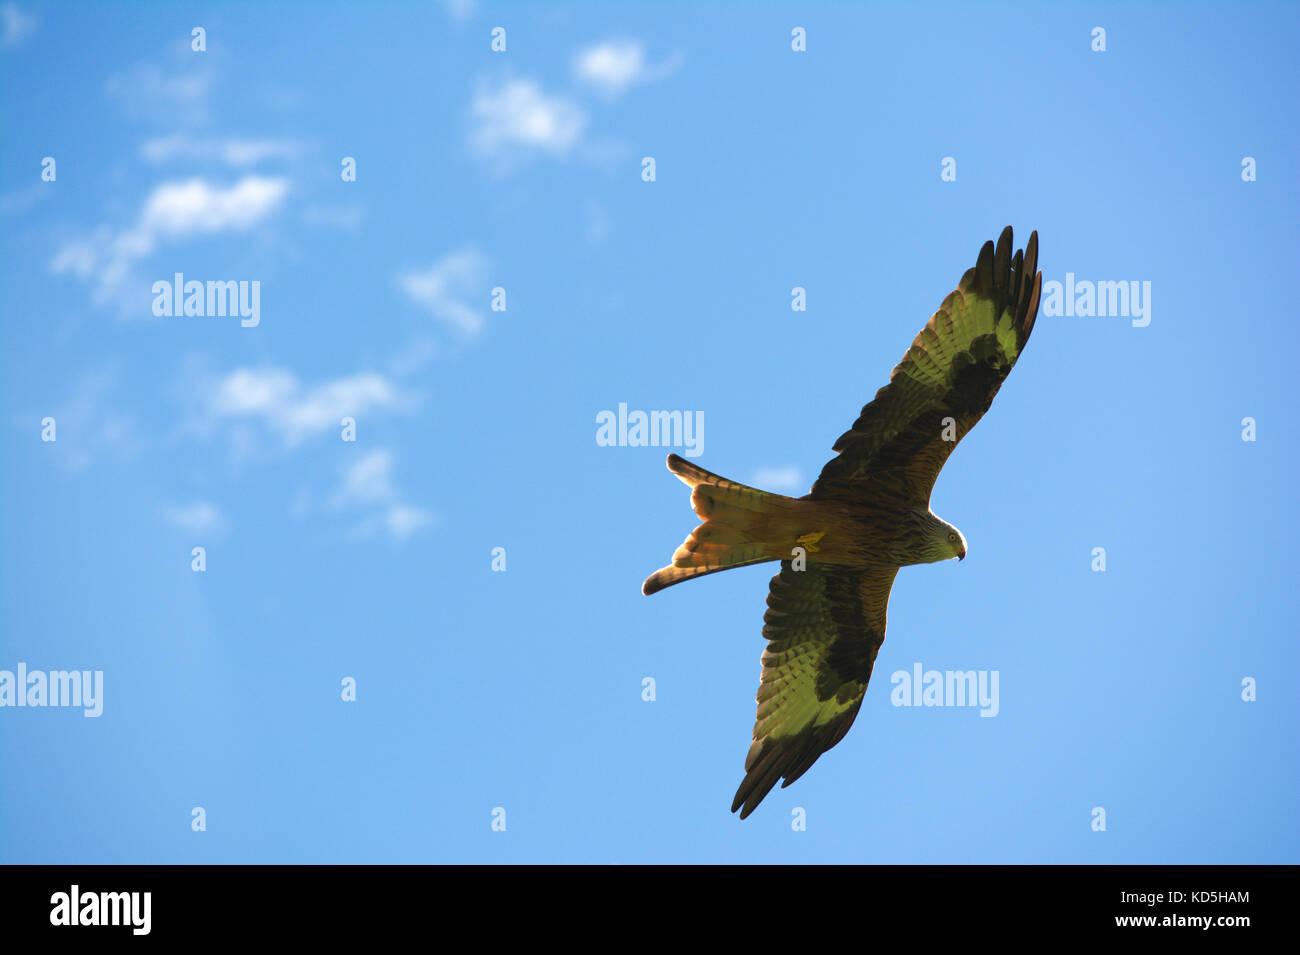 Red kite birds flying in the sky - Stock Image